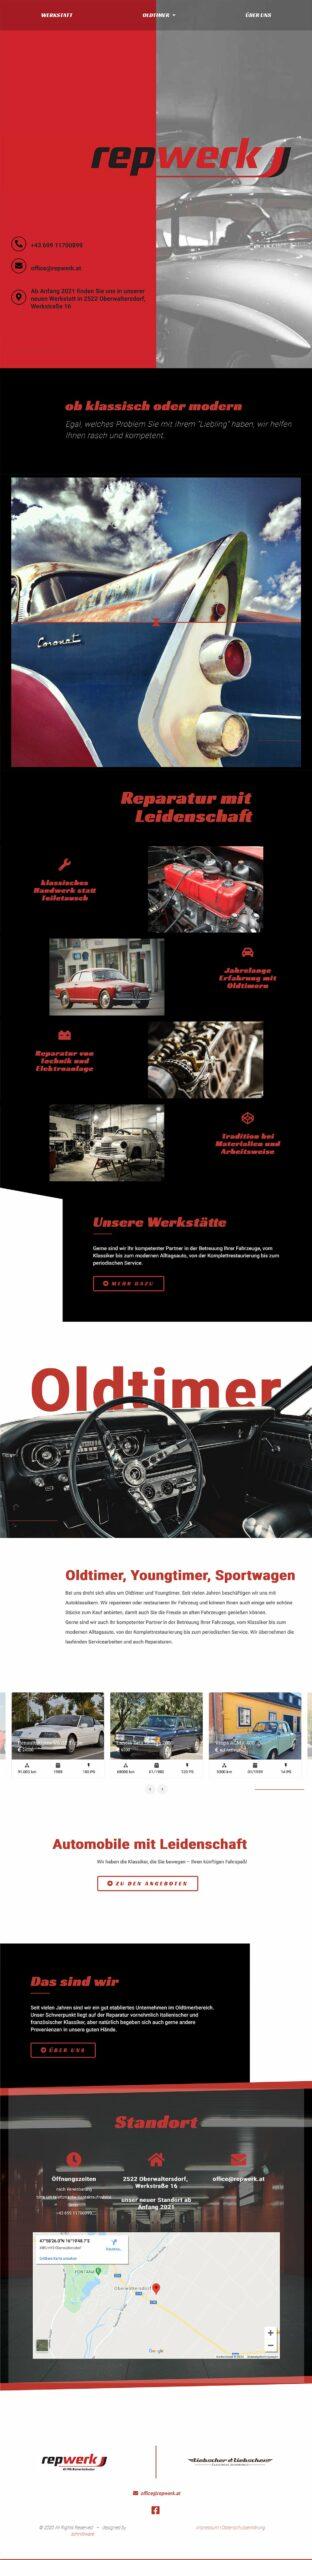 Repwerk Oldtimerreparatur und handel scaled schnittware